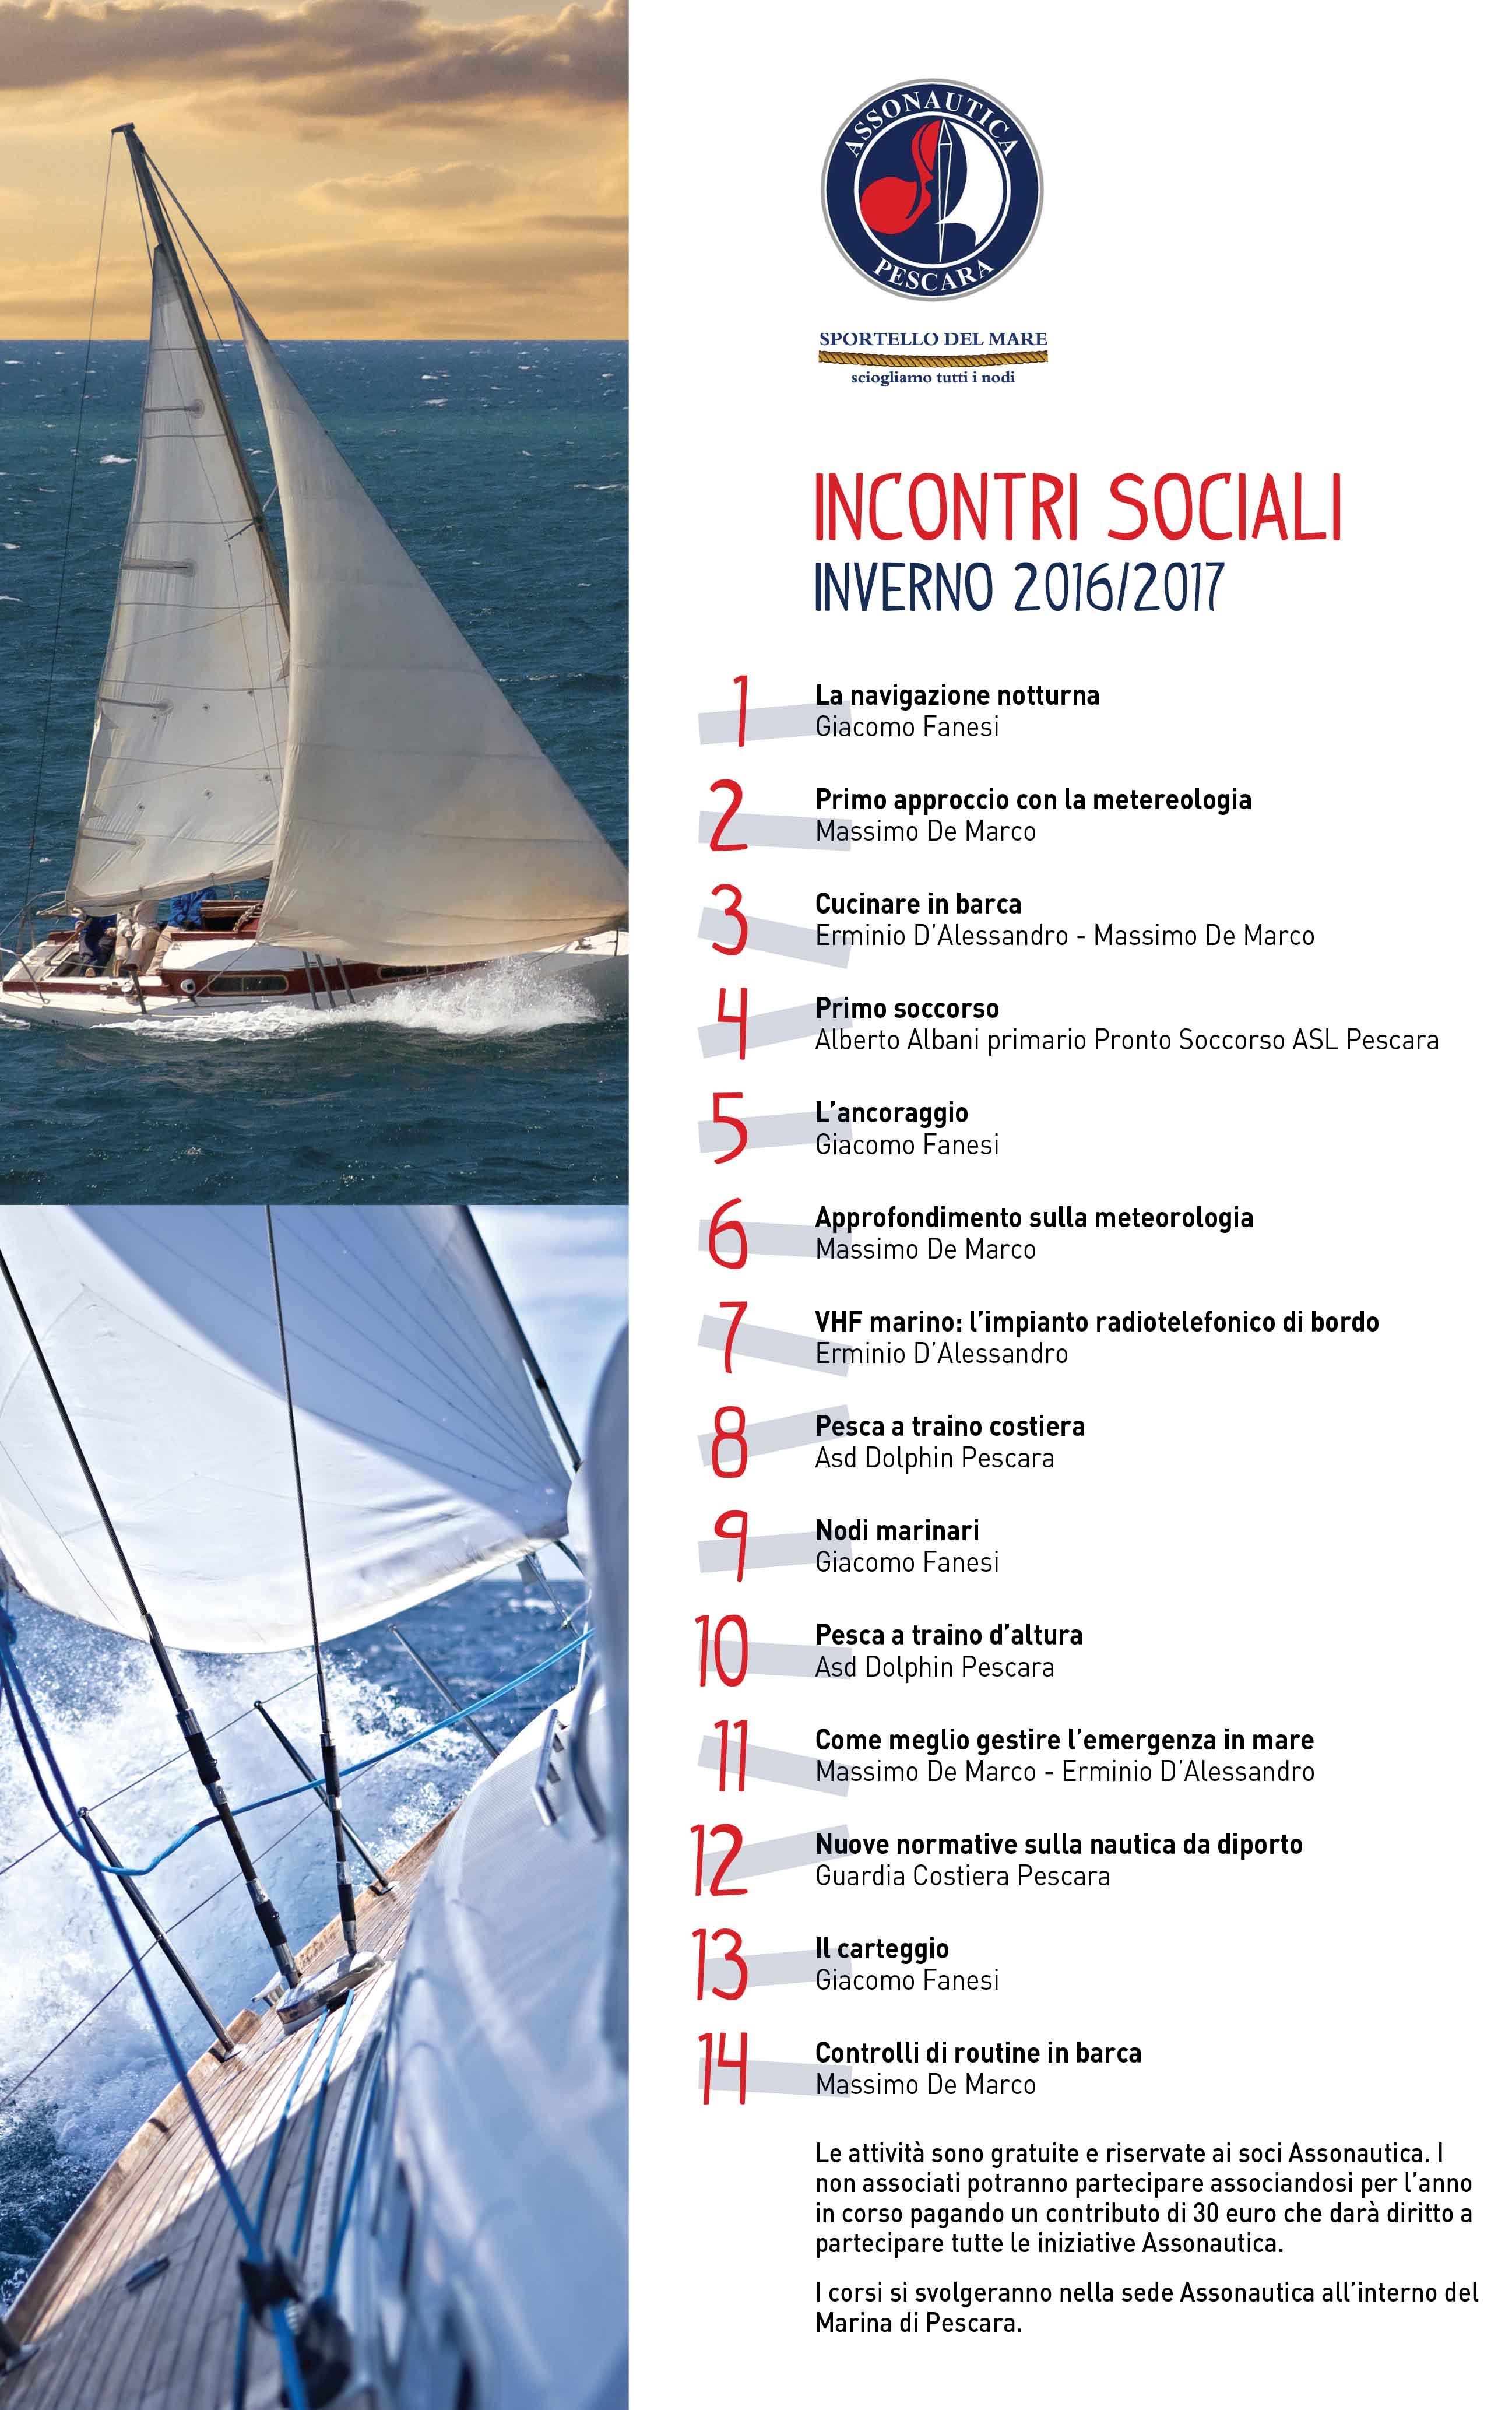 Assonautica Pescara -Sportello del mare: incontri sociali 2016/7